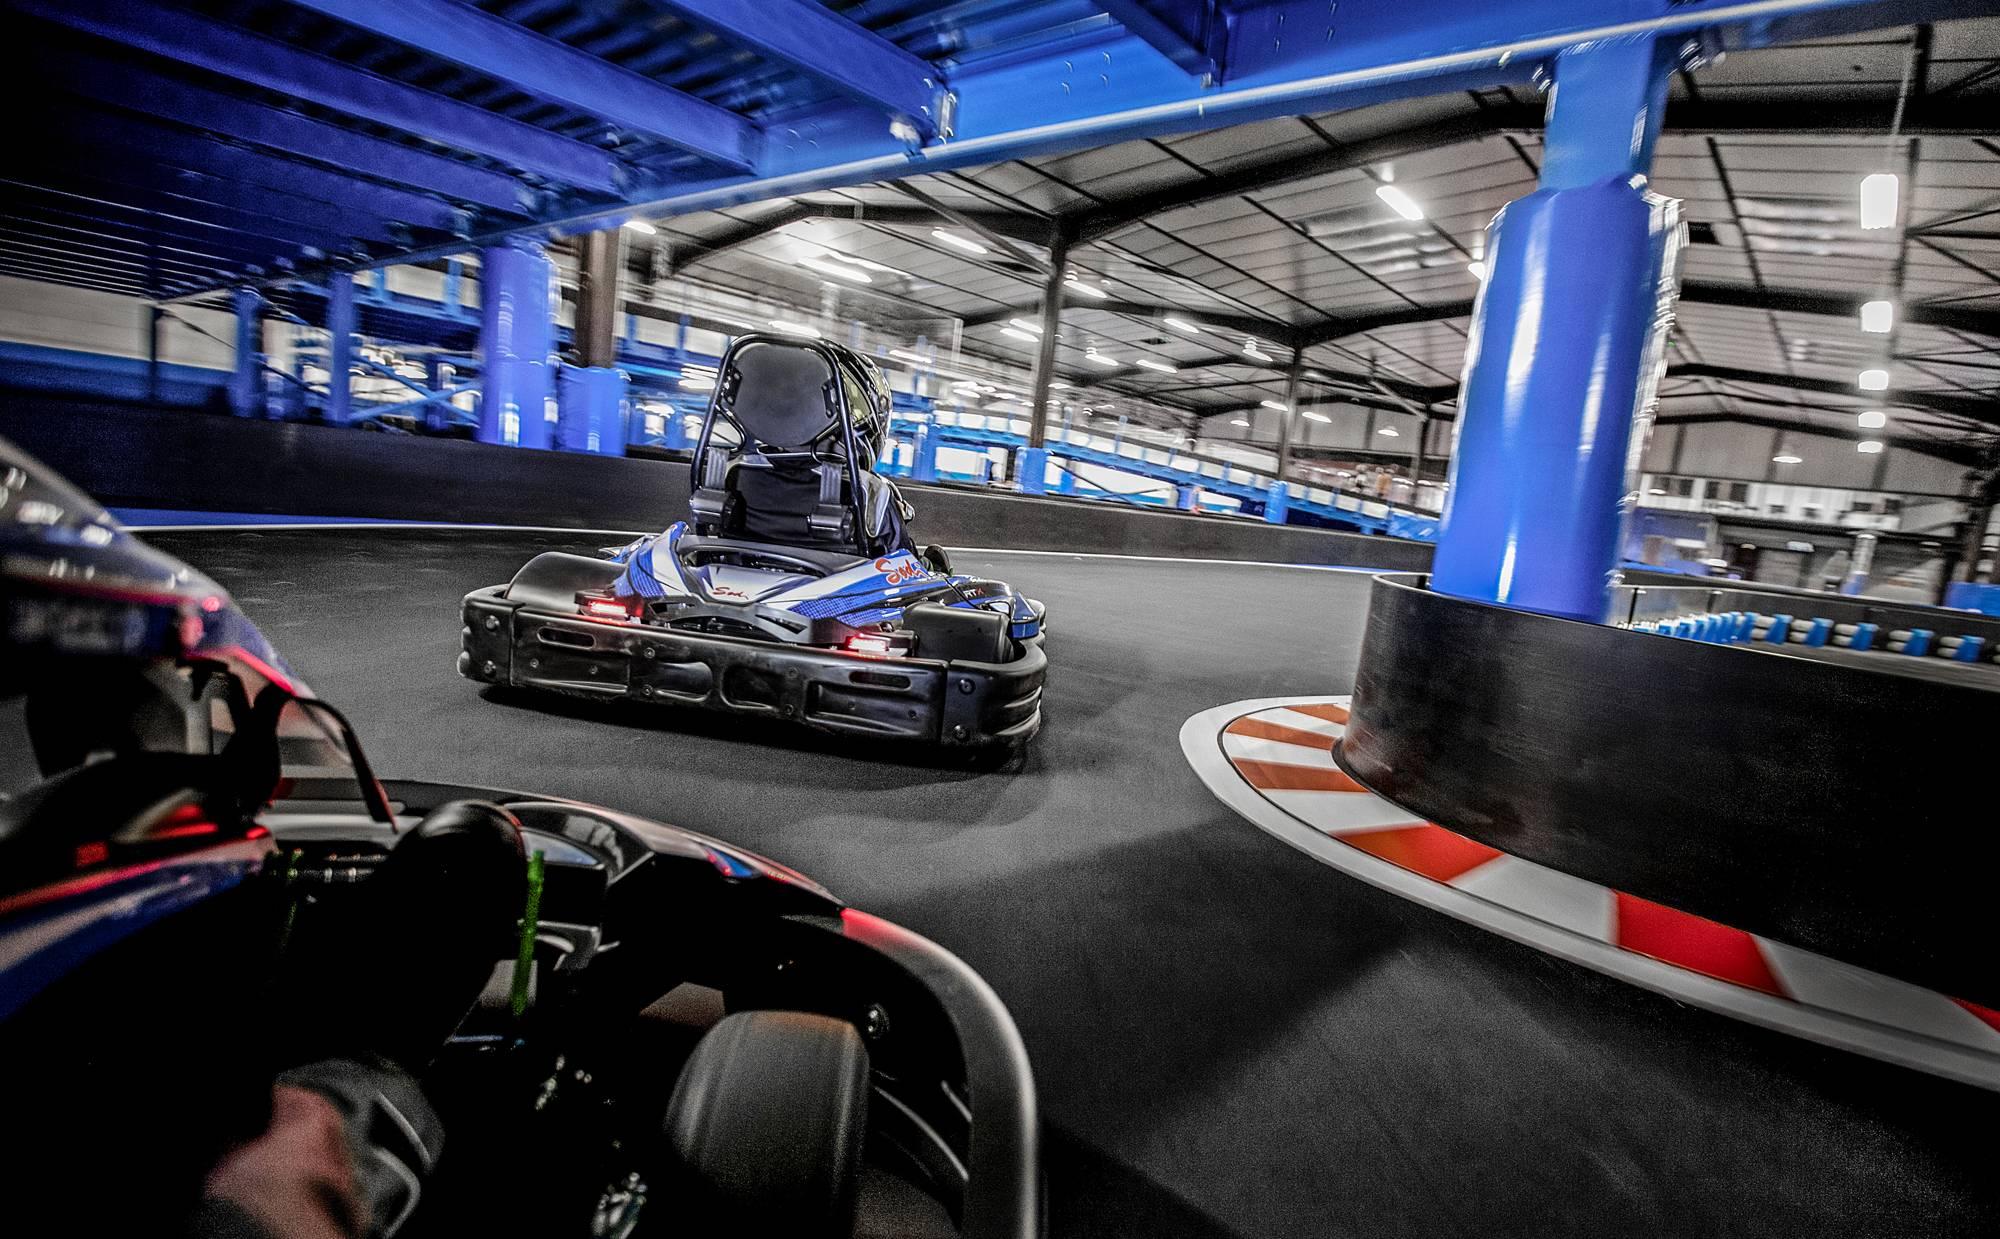 piste de kart à lyon sur deux niveaux